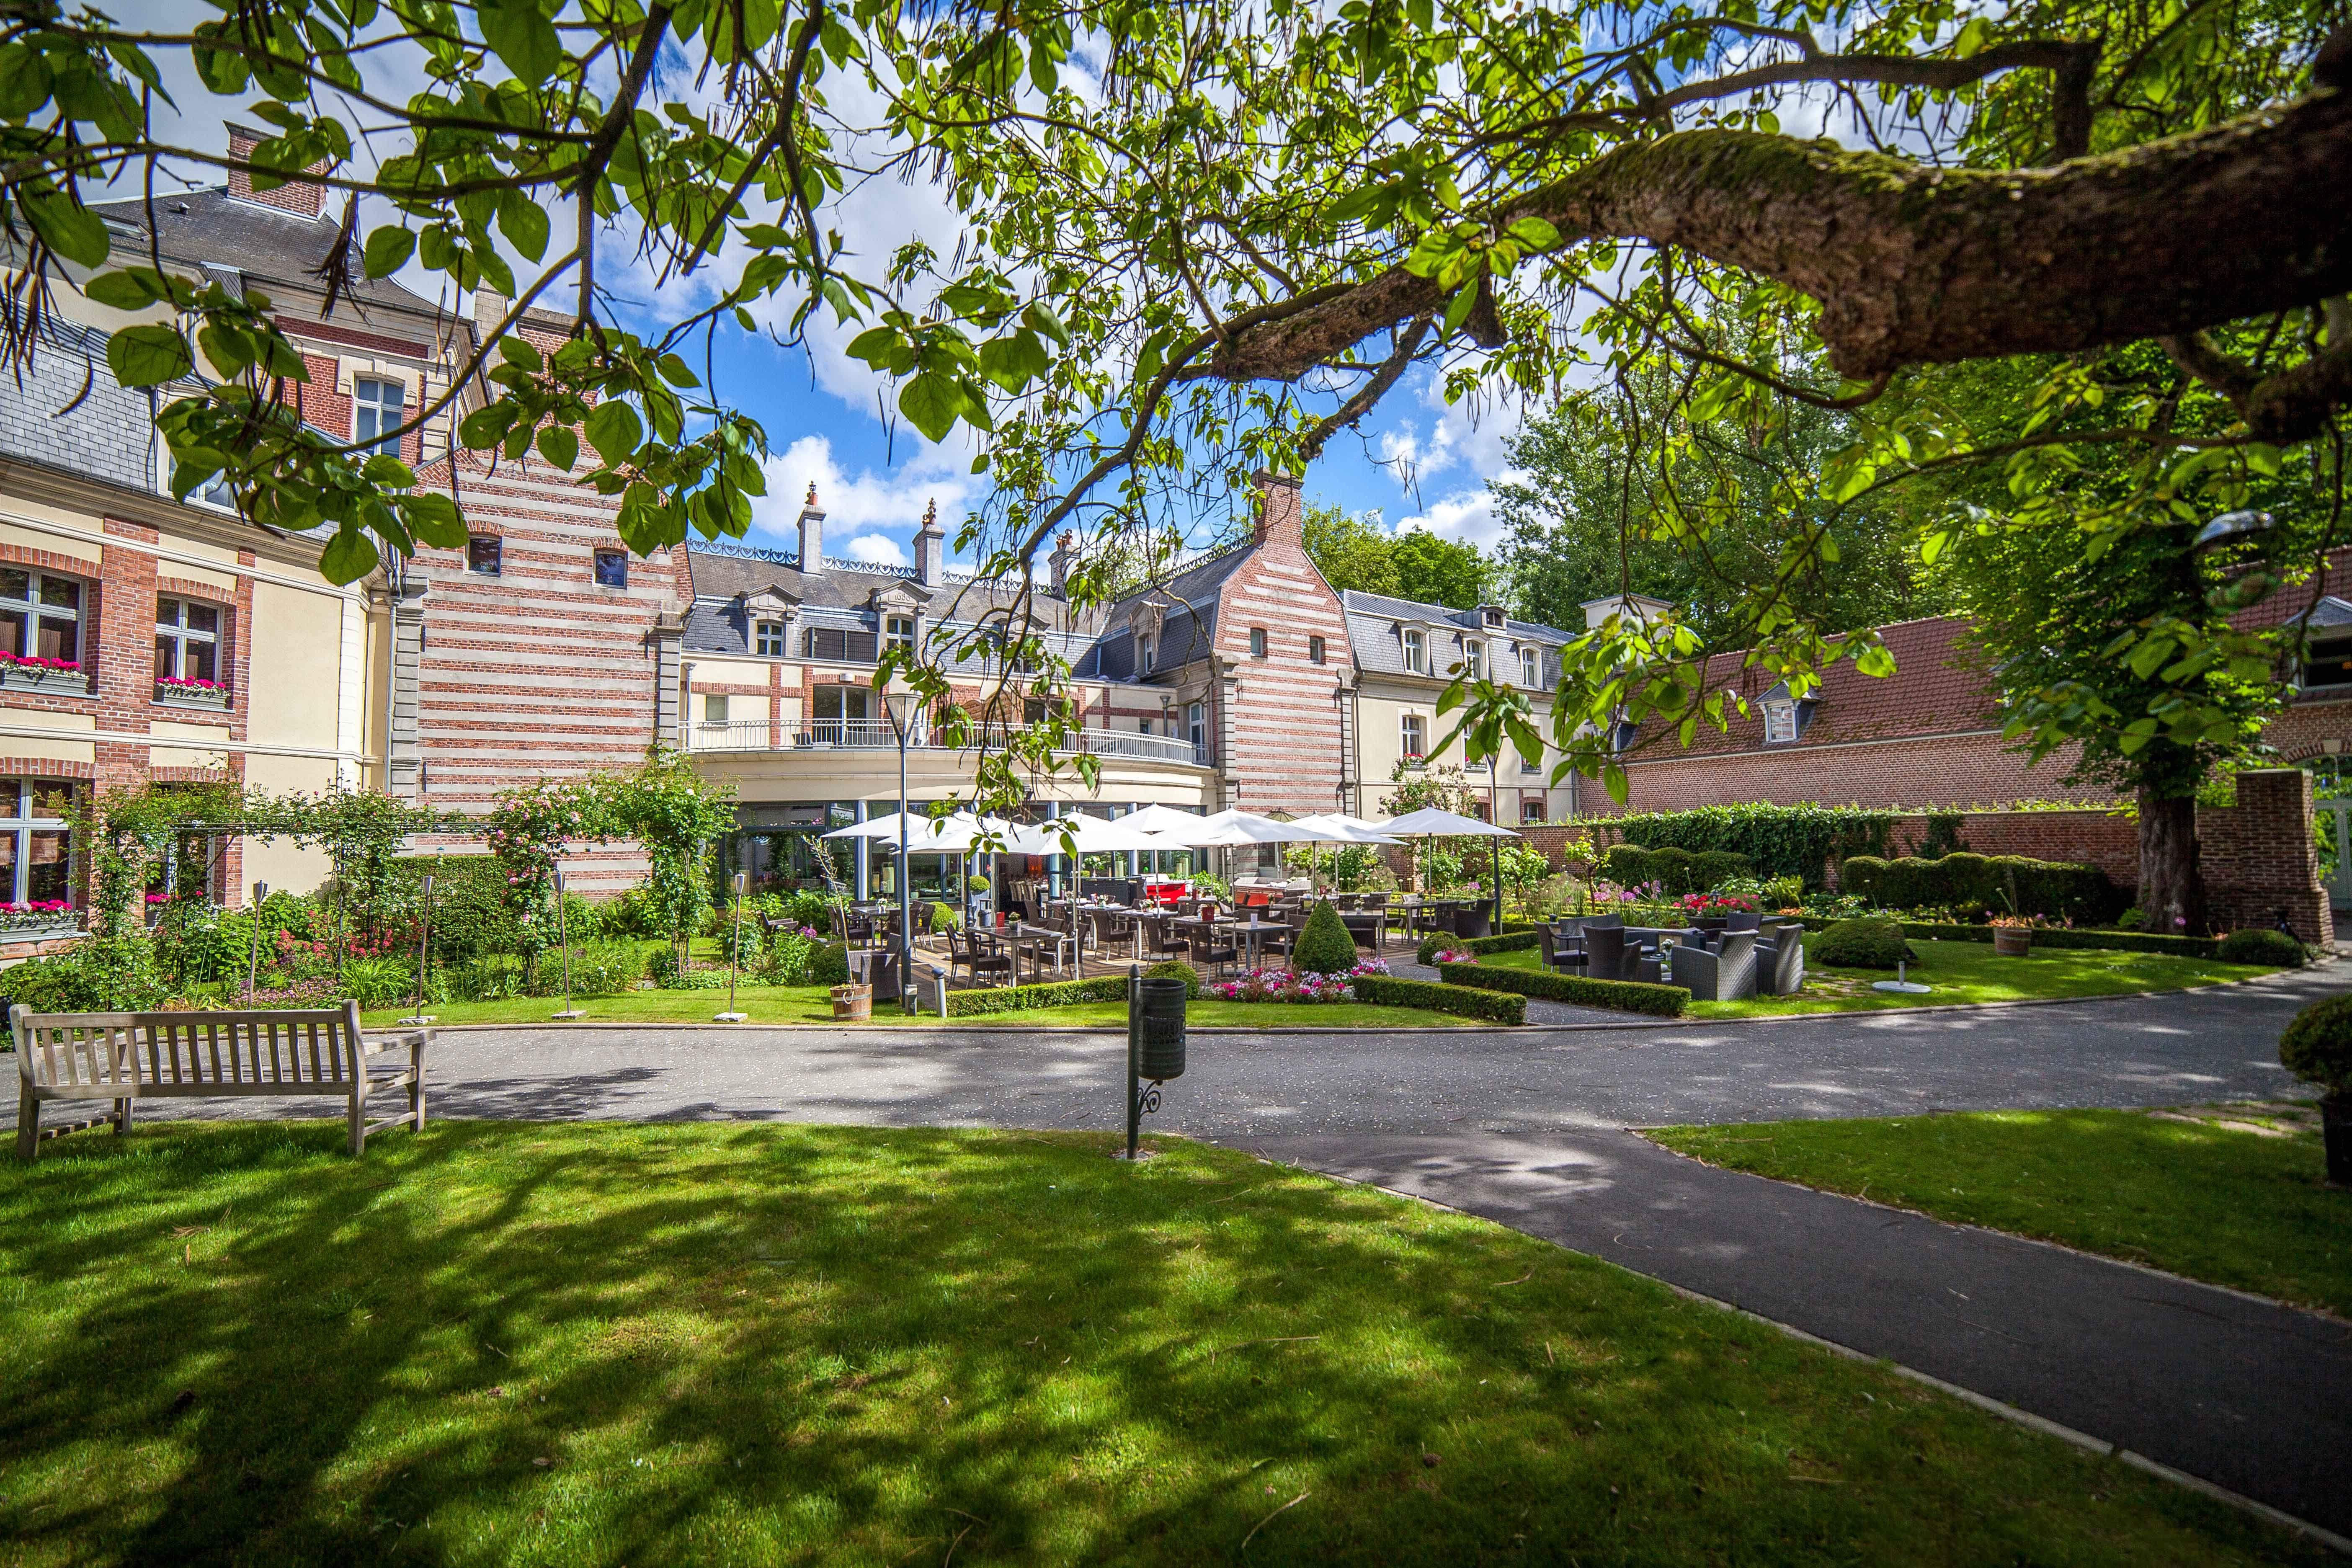 Restaurant Le Jardin D Alice Marcmeurin Jardindalice Bistro